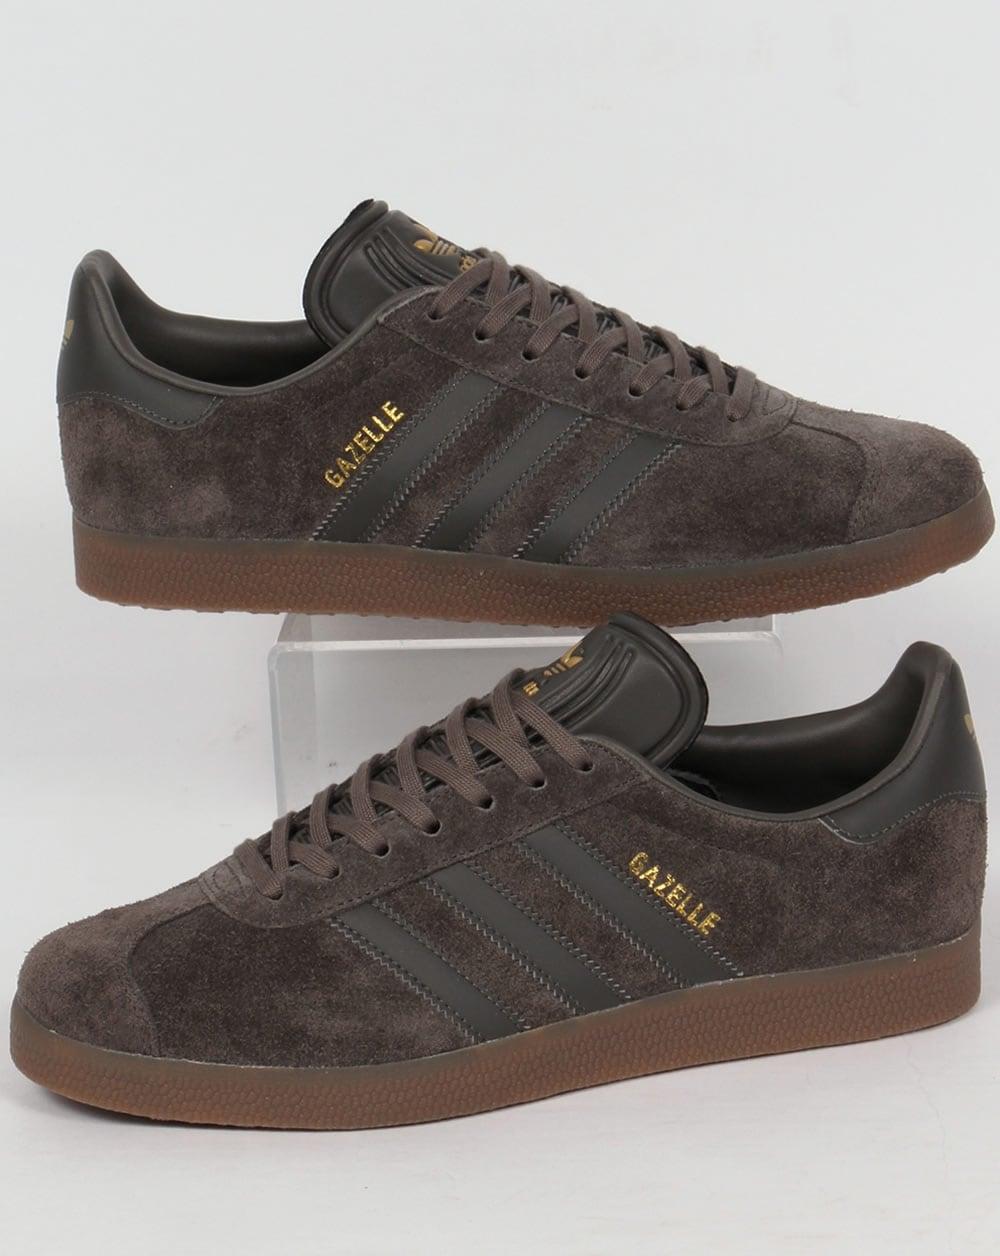 b4af64008e6 adidas Trainers Adidas Gazelle Trainers Utility Grey Gum